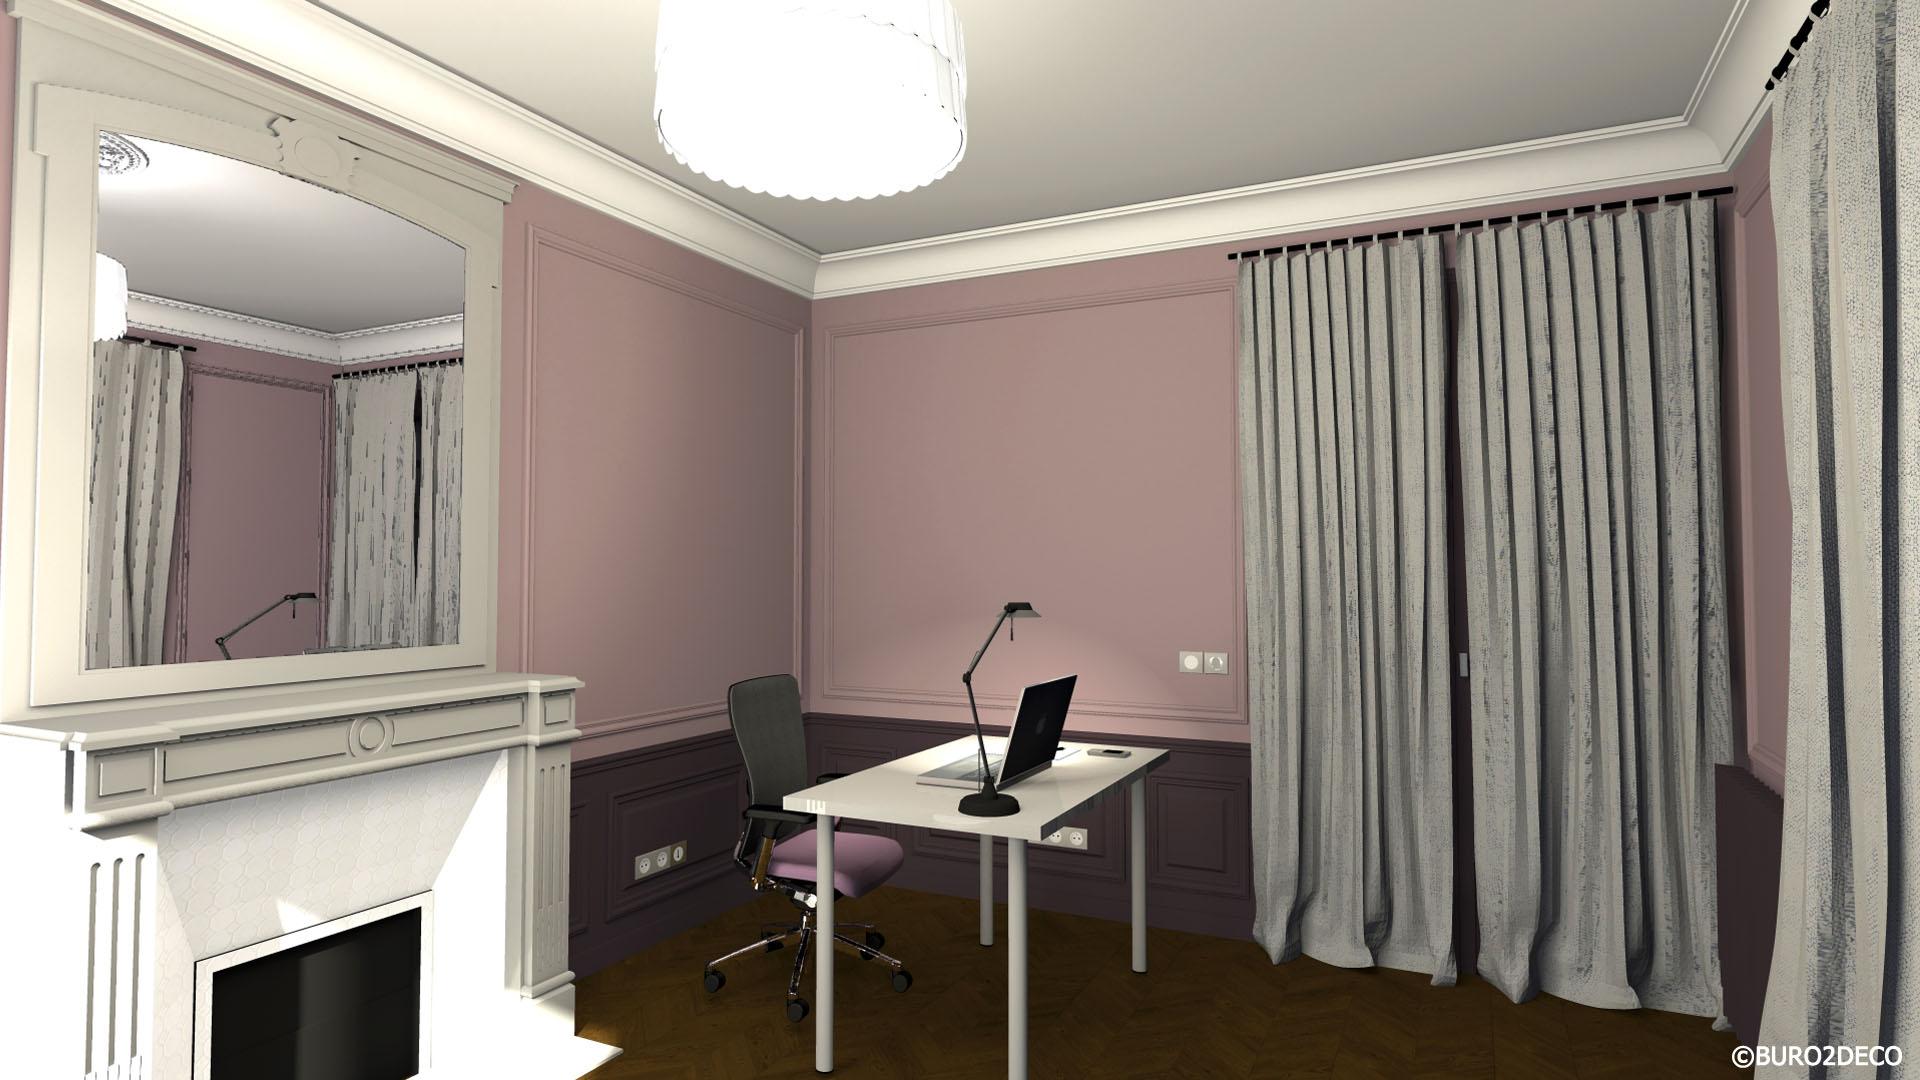 Cabinet Ostéopathie 2 Avant projet 3D Restructuration aménagement et décoration d'un appartement mixte à Paris 14ème -Buro2Déco